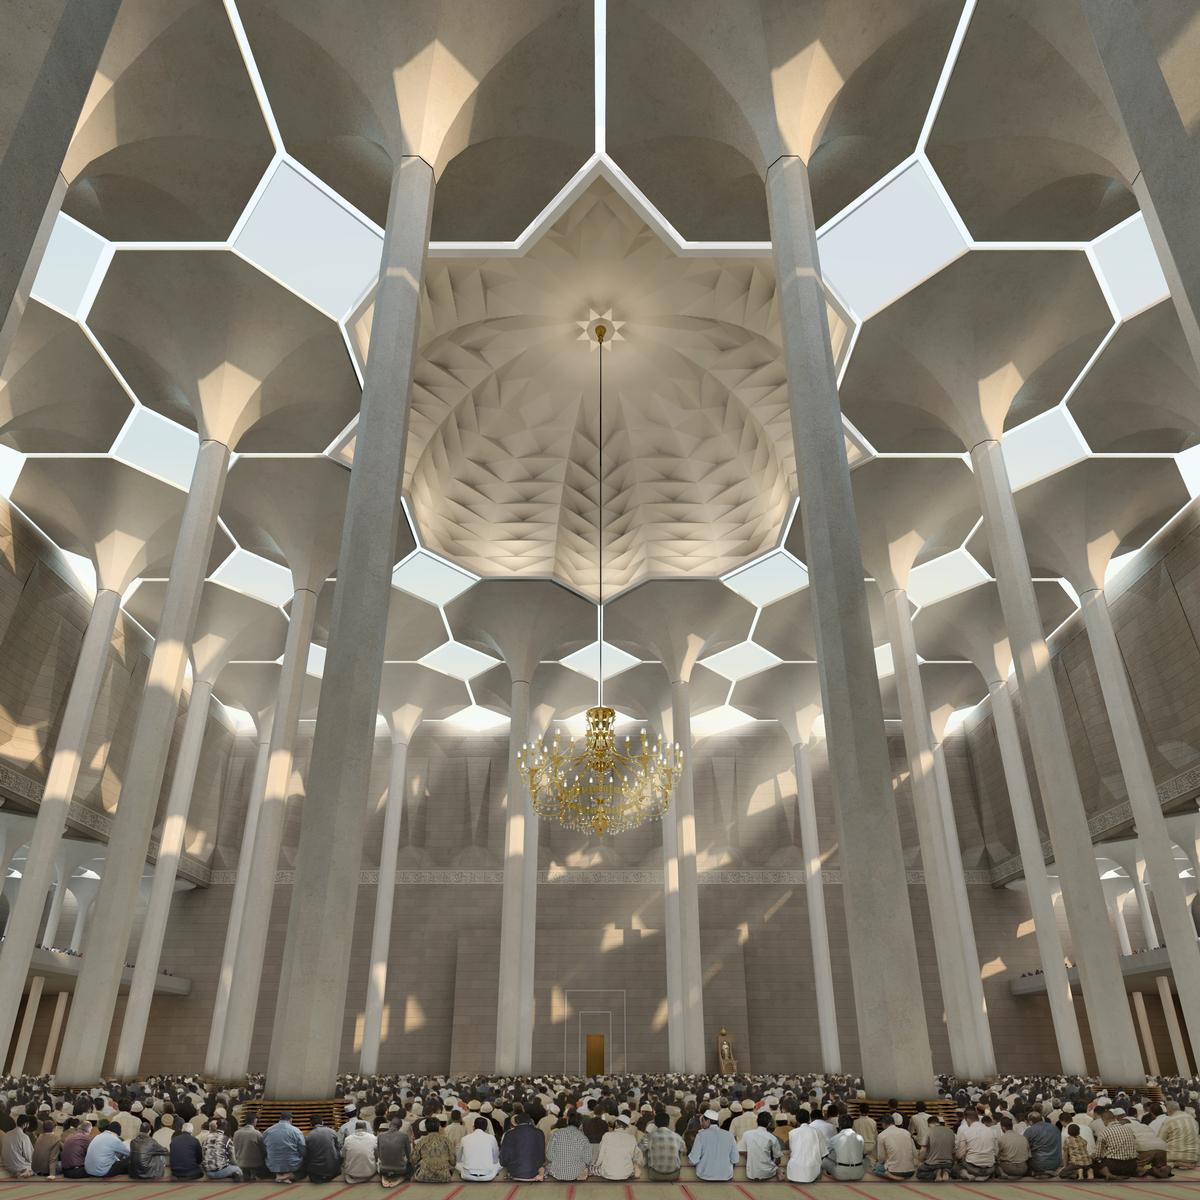 Durch die Kuppel einfallendes Sonnenlicht verleiht dem Gebetssaal des gigantischen Gotteshauses seine mediative Raumatmosphäre